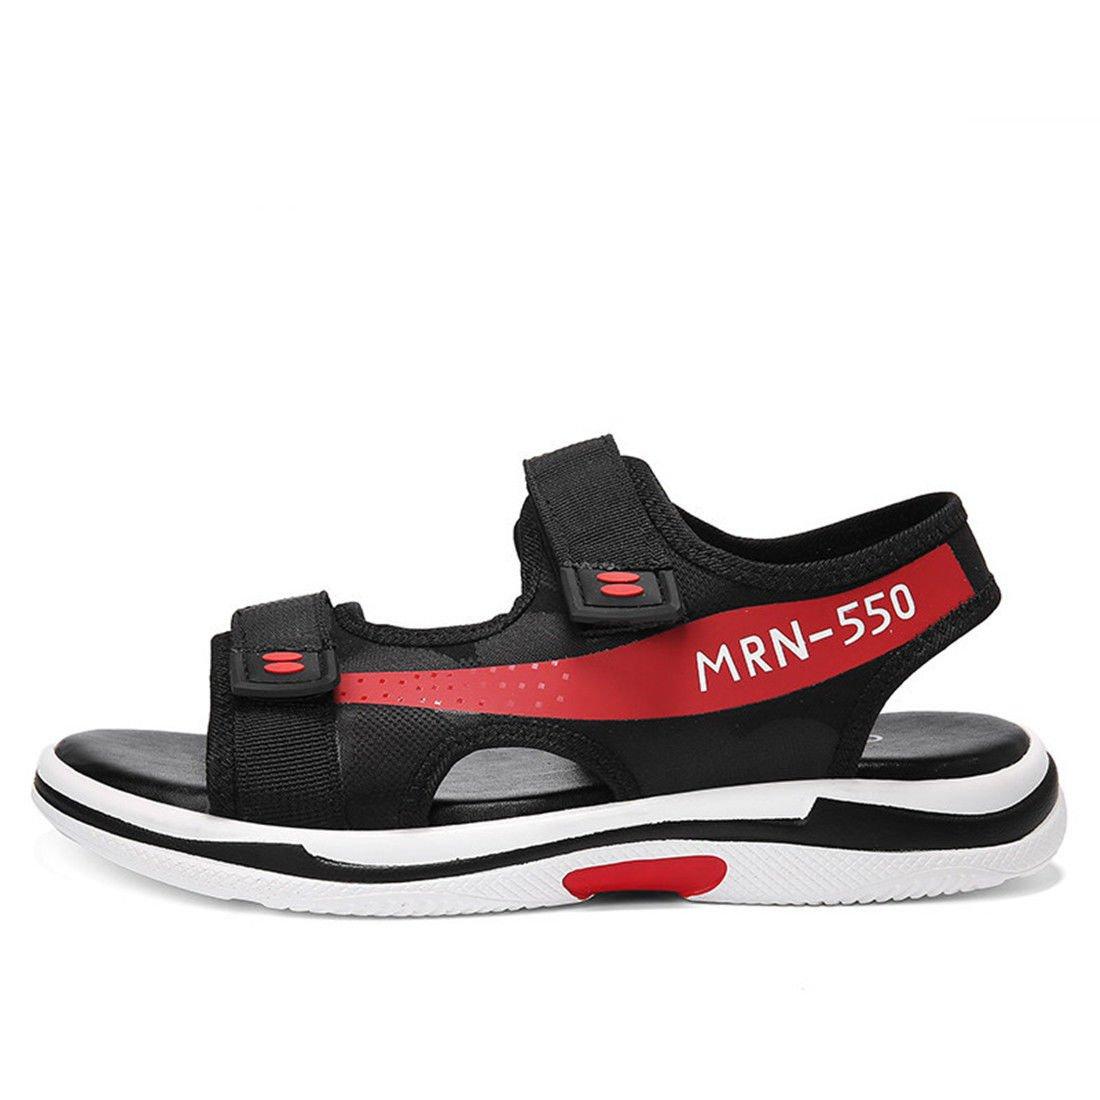 GCH Los Hombres Zapatillas de Deportes y Ocio Sandalias de Verano,43,Rojo US9.5 / EU42 / UK8.5 / CN43|red